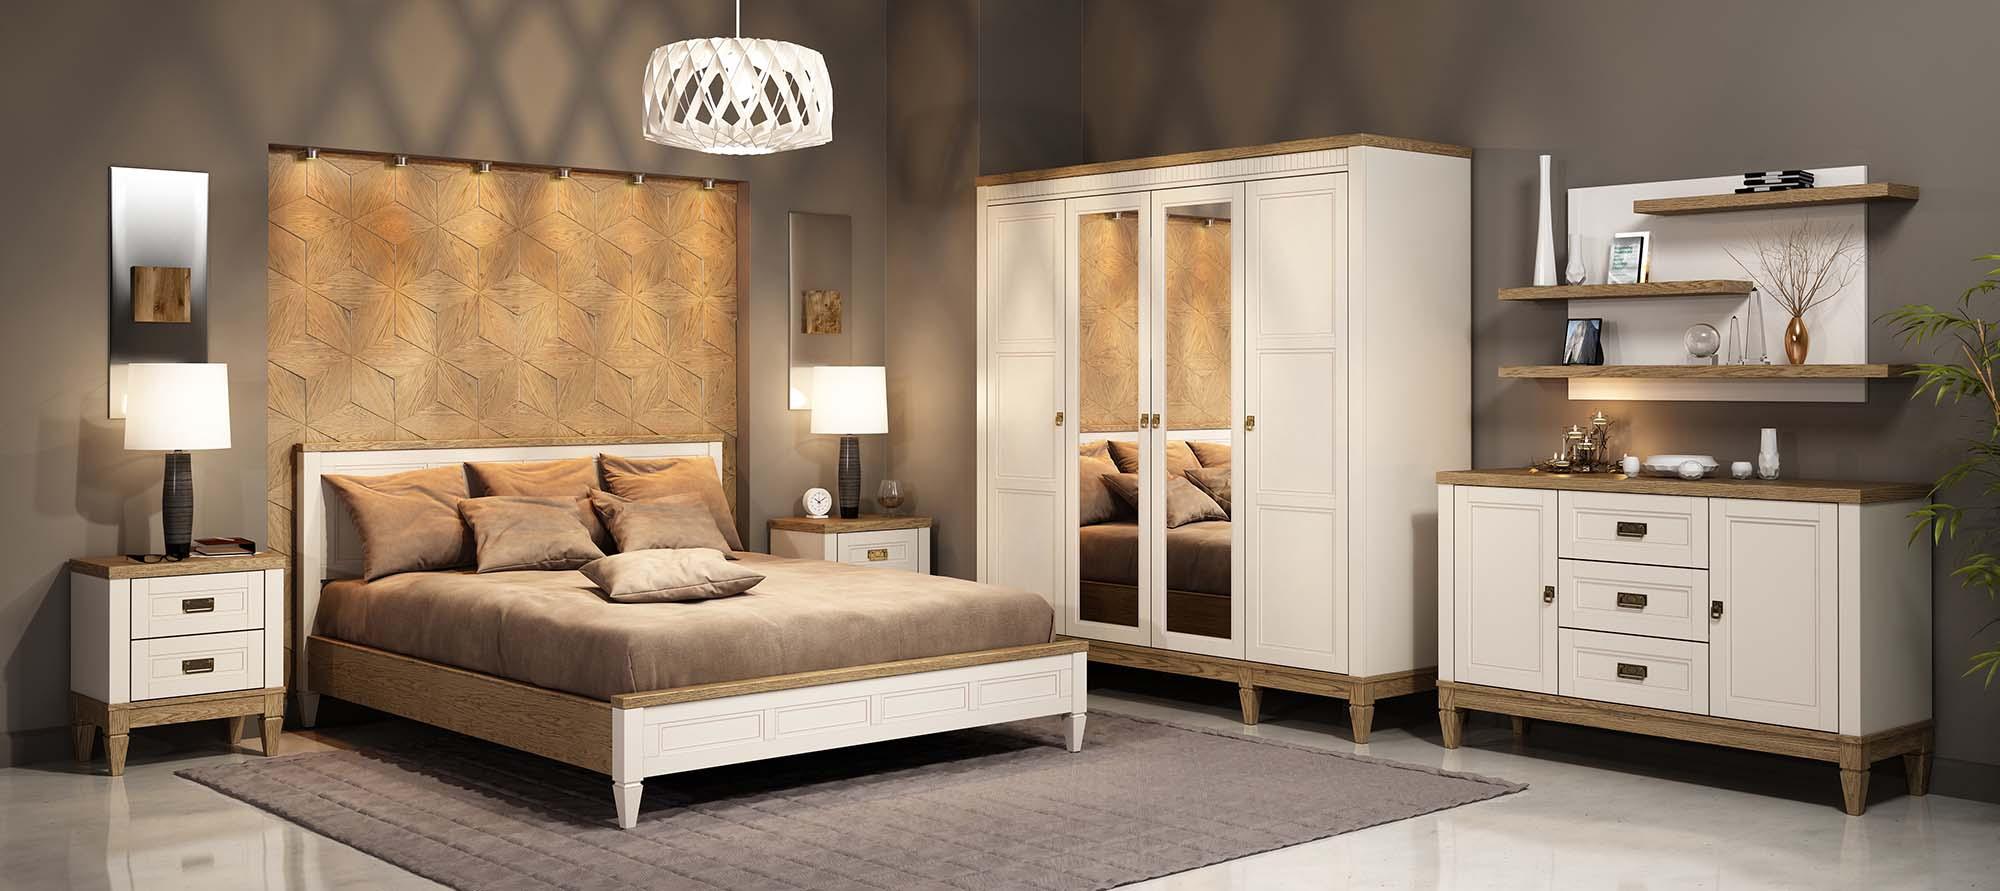 bavaria_bedroom_3